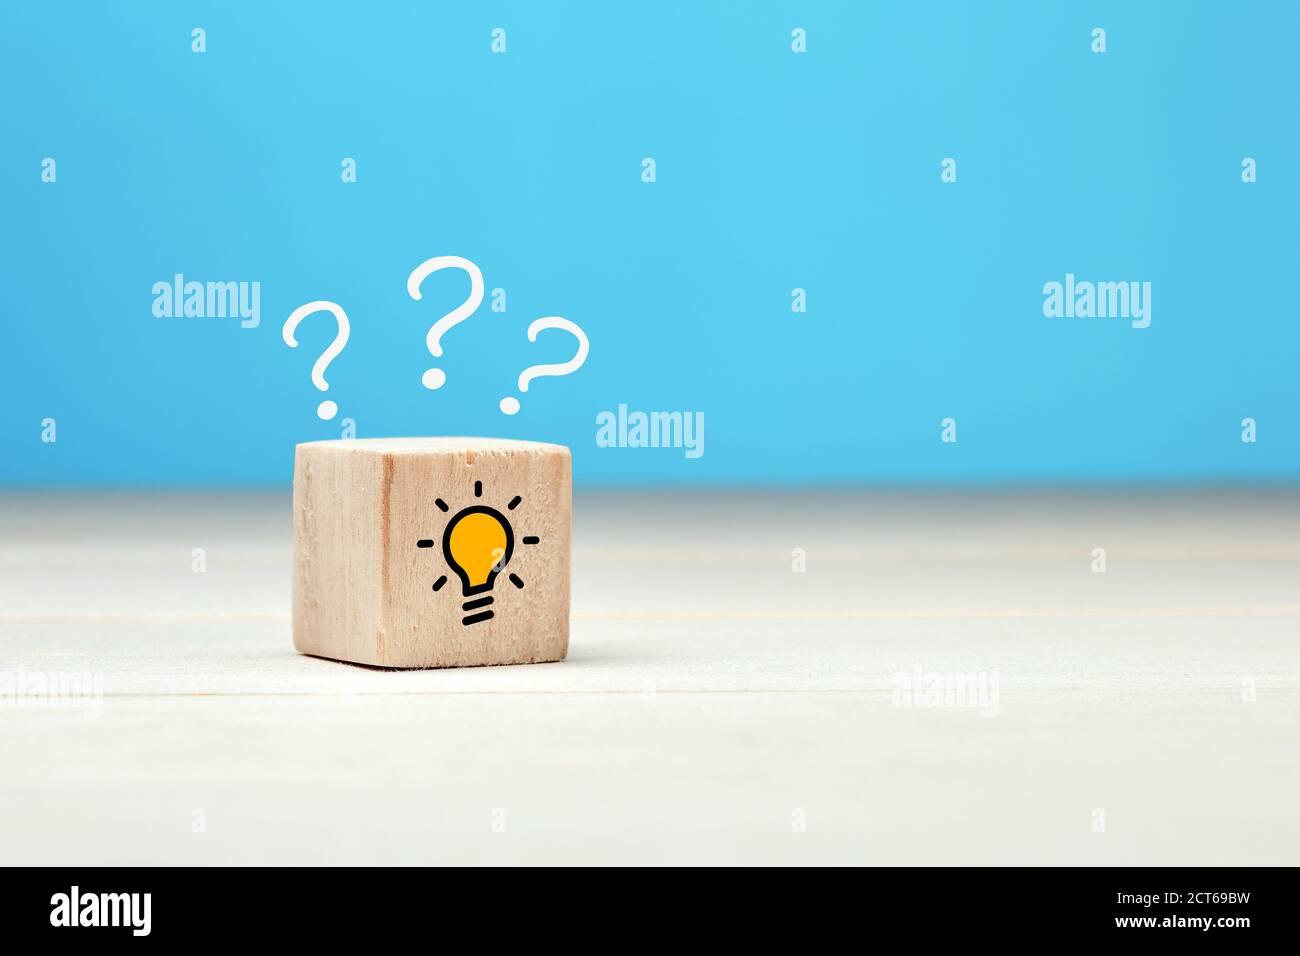 Concept créatif d'idée, de solution ou de résolution de problèmes. Point d'interrogation et icônes d'ampoule sur un cube en bois sur fond bleu. Banque D'Images